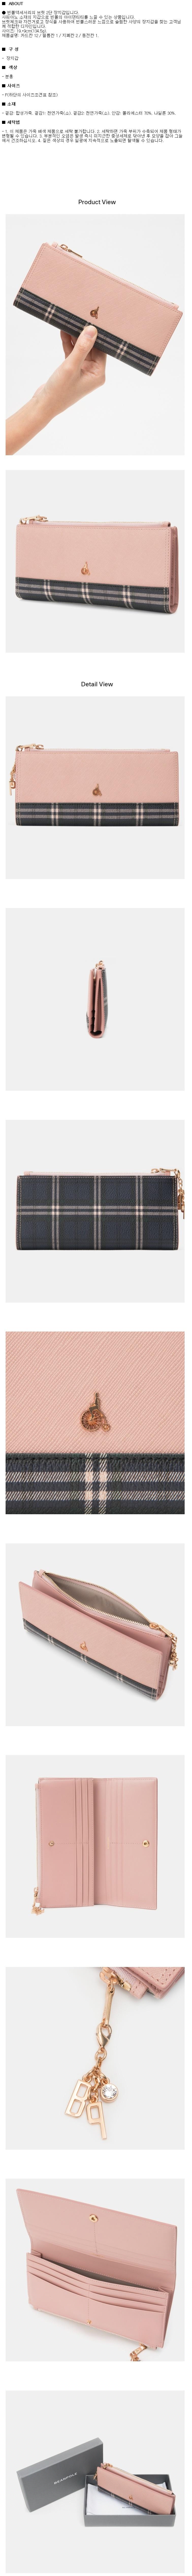 빈폴 액세서리(BEANPOLE ACCESSORY) (여) 핑크 브릿 2단 장지갑(가로칸) (BE91A4T02X)